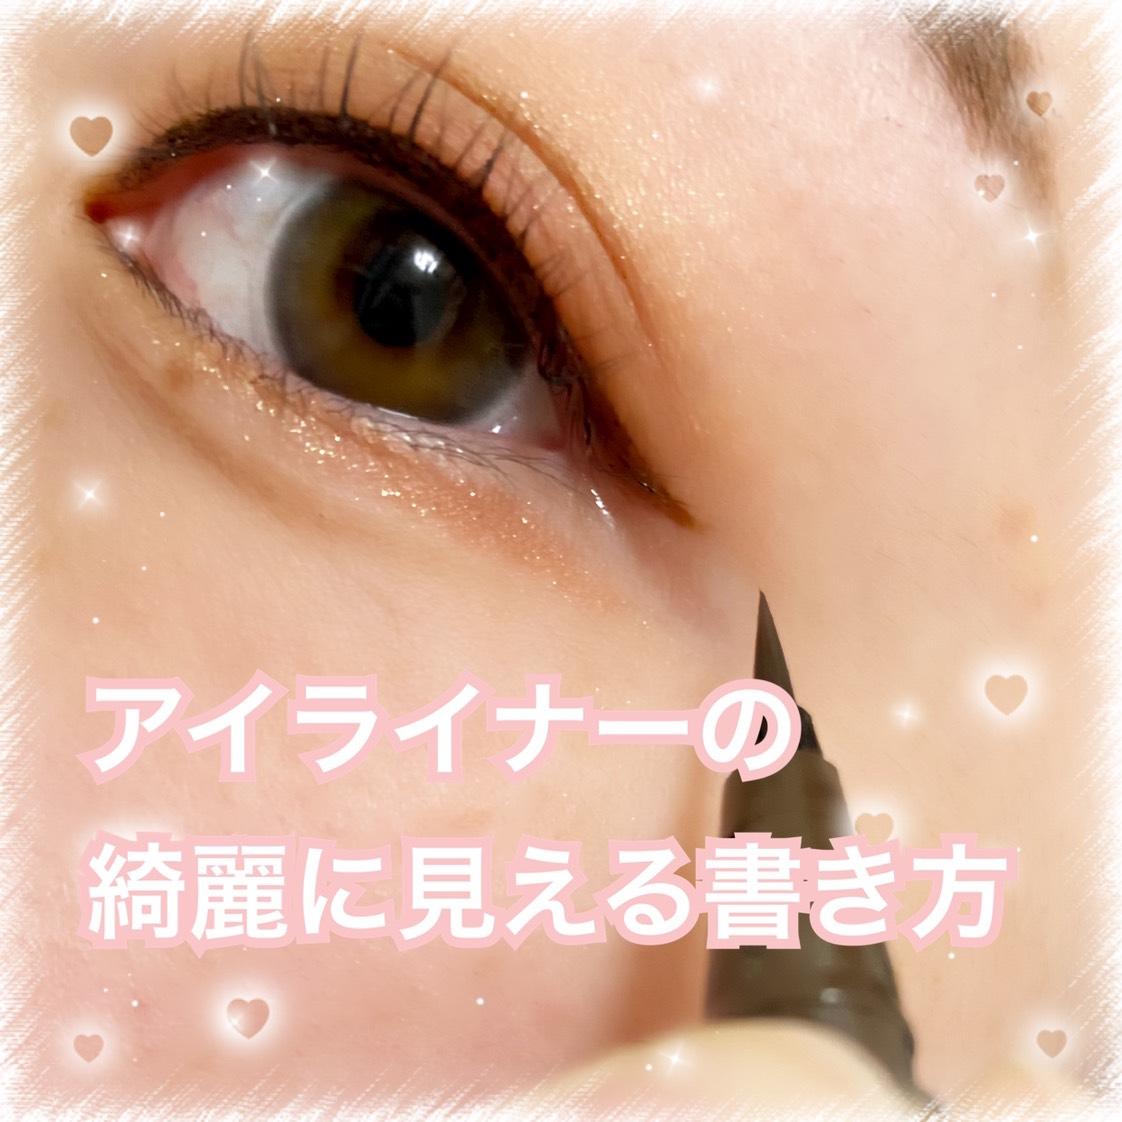 coral流アイライナーの綺麗に見える描き方(..◜ᴗ◝..)